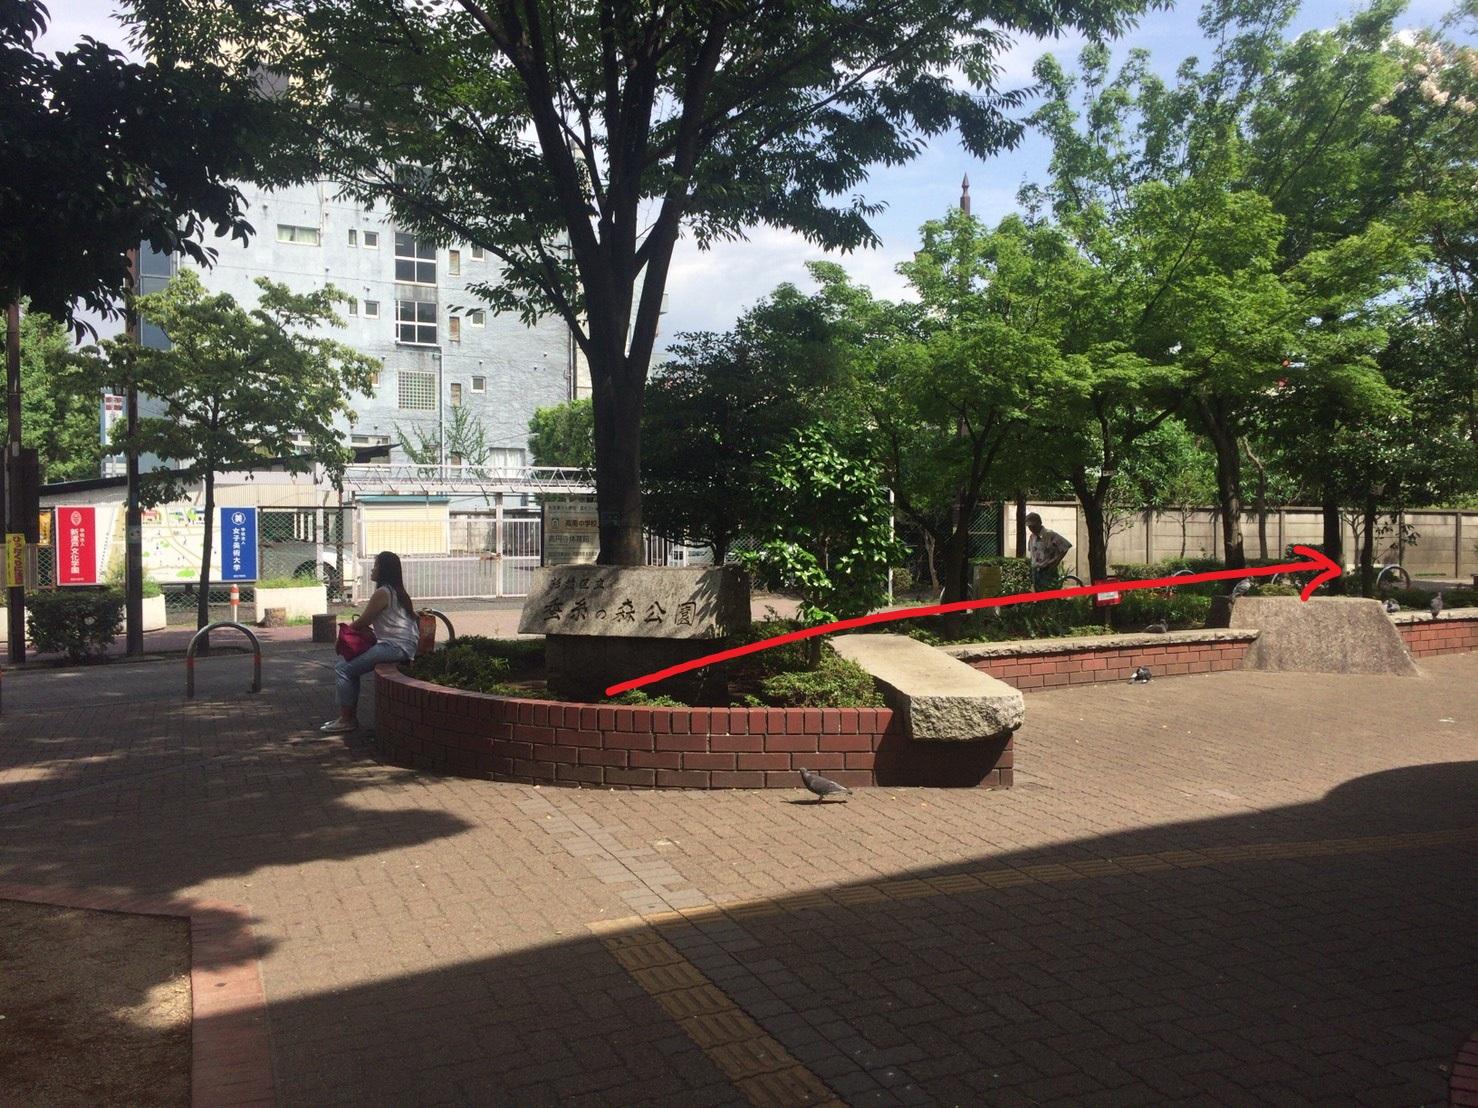 丸の内線「東高円寺駅」前 蚕糸の森公園